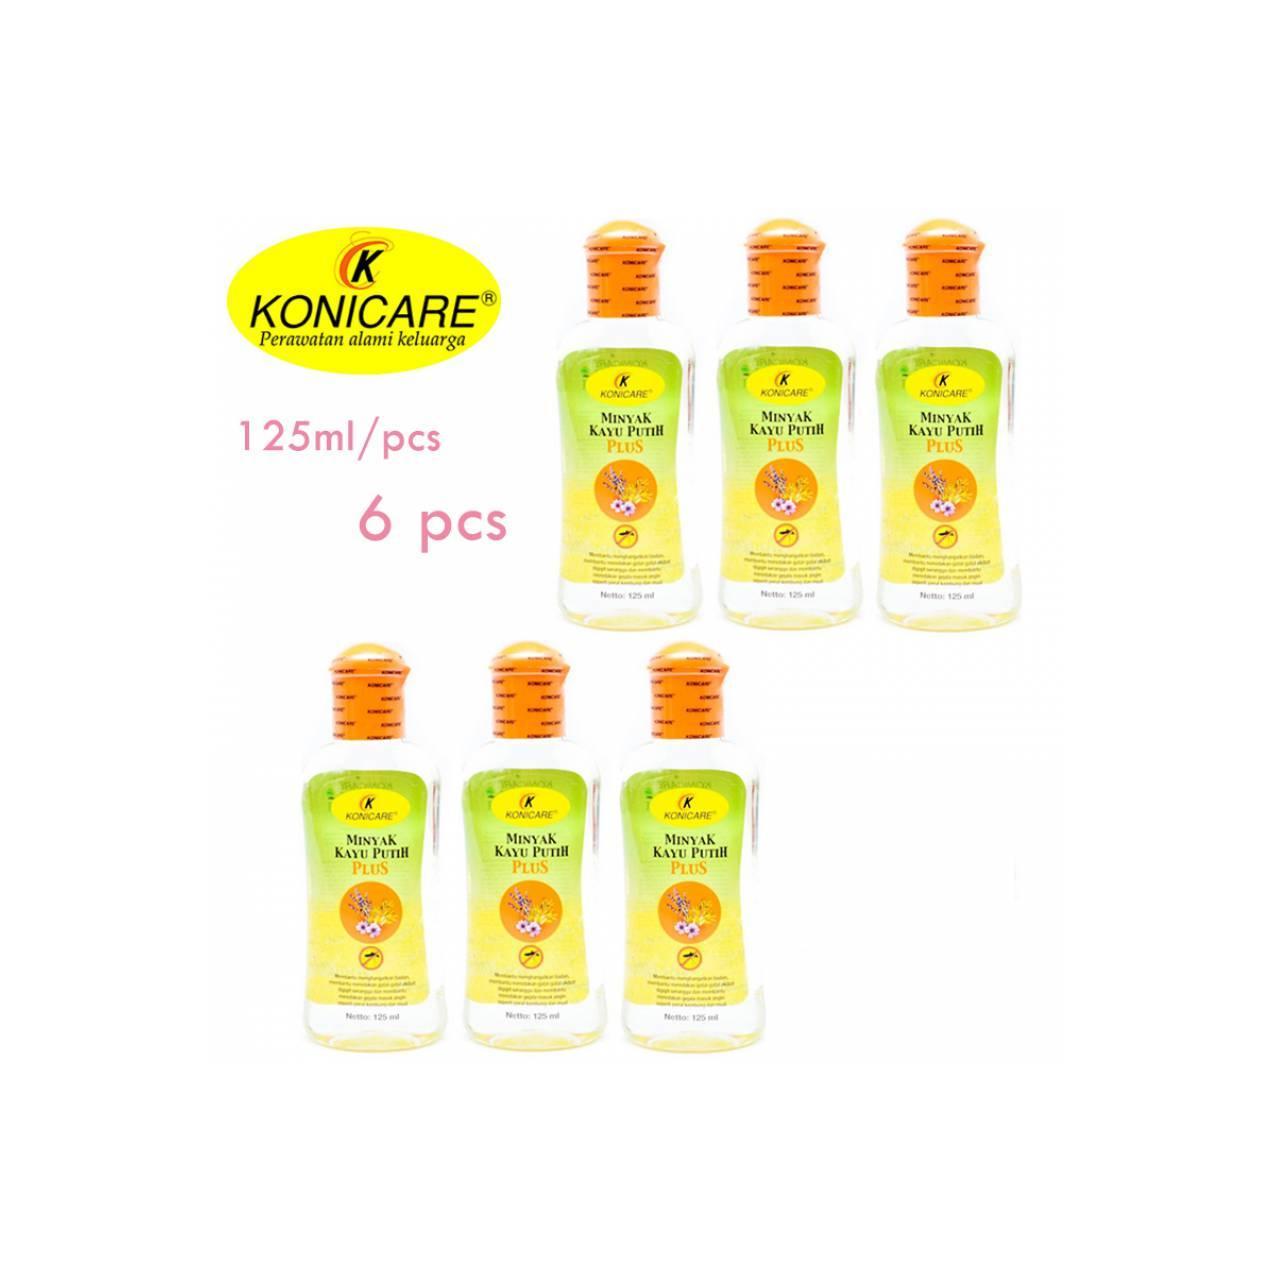 Konicare Minyak Kayu Putih 125 Ml Daftar Update Harga Terbaru Dan Paket 125ml 3 Pcs Mtk027 Plus 6